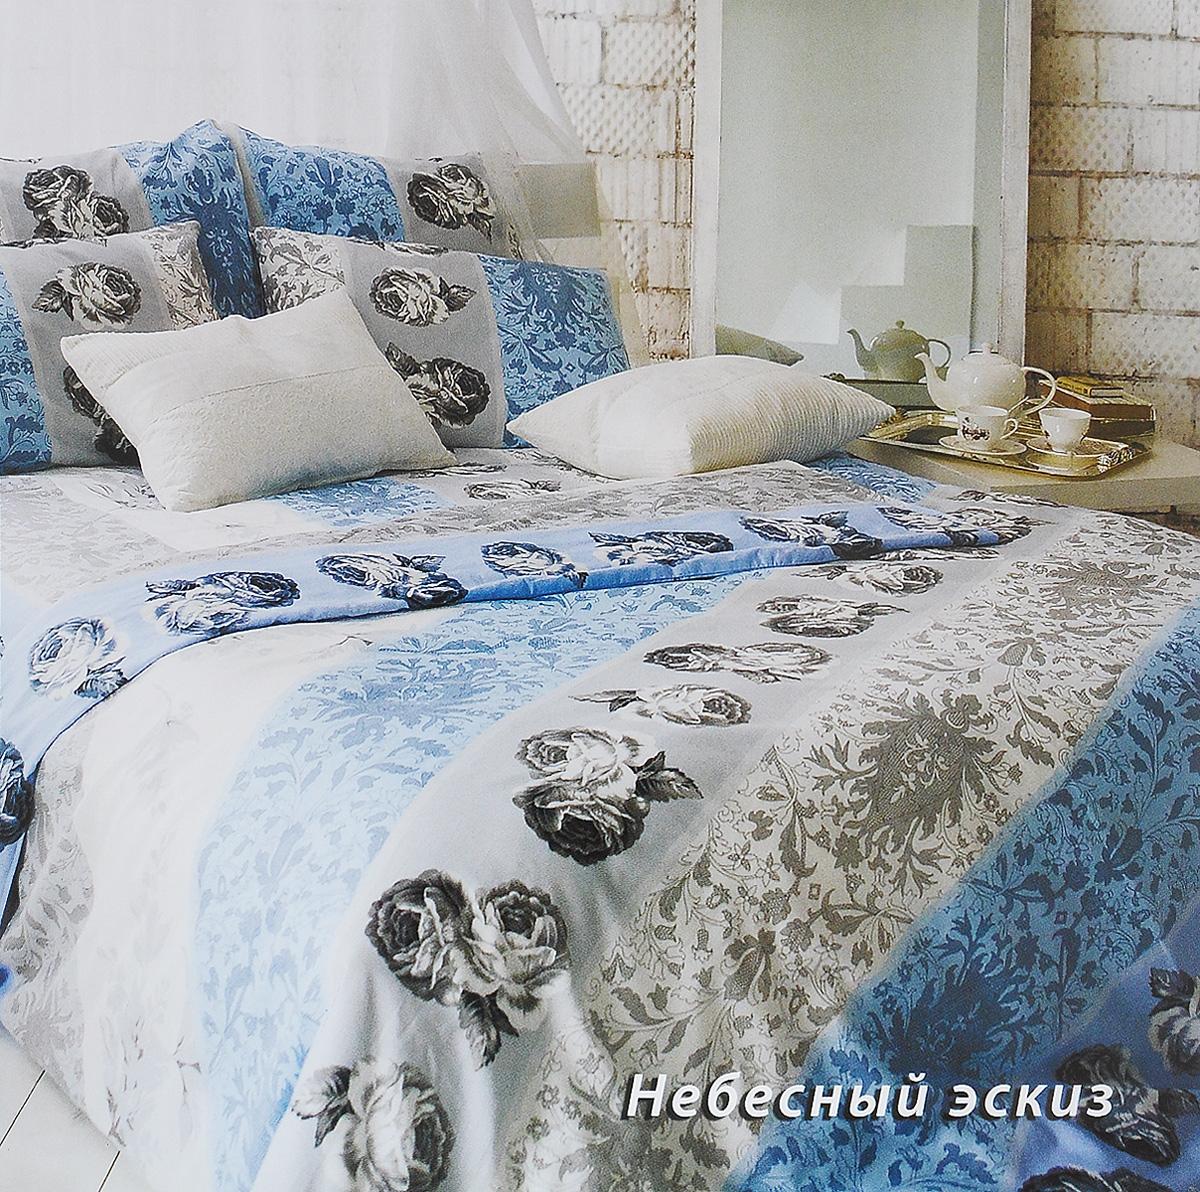 Комплект белья Tiffanys Secret Небесный эскиз, семейный, наволочки 50х70, цвет: голубой, белый, серый2040816149Комплект постельного белья Tiffanys Secret Небесный эскиз является экологически безопасным для всей семьи, так как выполнен из сатина (100% хлопок). Комплект состоит из двух пододеяльников, простыни и двух наволочек. Предметы комплекта оформлены оригинальным рисунком. Благодаря такому комплекту постельного белья вы сможете создать атмосферу уюта и комфорта в вашей спальне. Сатин - это ткань, навсегда покорившая сердца человечества. Ценившие роскошь персы называли ее атлас, а искушенные в прекрасном французы - сатин. Секрет высококачественного сатина в безупречности всего технологического процесса. Эту благородную ткань делают только из отборной натуральной пряжи, которую получают из самого лучшего тонковолокнистого хлопка. Благодаря использованию самой тонкой хлопковой нити получается необычайно мягкое и нежное полотно. Сатиновое постельное белье превращает жаркие летние ночи в прохладные и освежающие, а холодные зимние - в теплые и...